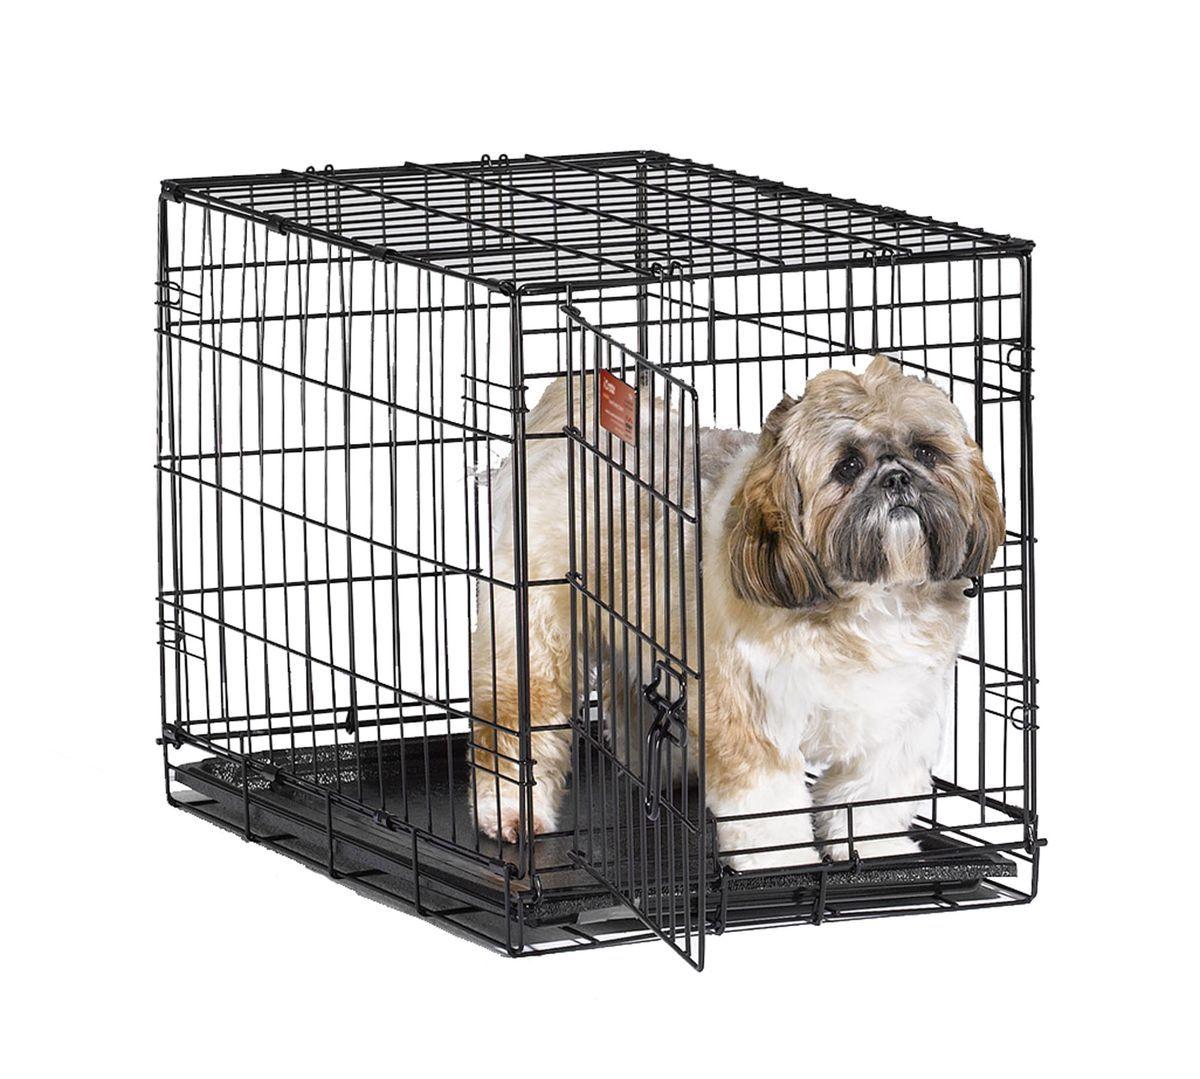 Клетка для собак Midwest iCrate, 1 дверь, цвет: черный, 61 х 46 х 48 см1524Клетка Midwest iCrate разработана специально для транспортировки средних и малых собак. Закругленная угловая защита обеспечивает безопасность питомцам и людям. Клетка из нержавеющей стали оснащена: - одной надежной дверкой; - безопасным двойным замком (задвижка закрывает и снаружи и внутри); - прочным пластиковым поддоном, который не повреждает поверхность, на которой размещается; - разделяющей панелью, обеспечивающей создание универсальных отсеков; - качественными ручками для переноски питомца. Размер клетки (ДхШхВ): 61 см х 46 см х 48 см. Вес конструкции: 7 кг. Товар сертифицирован.